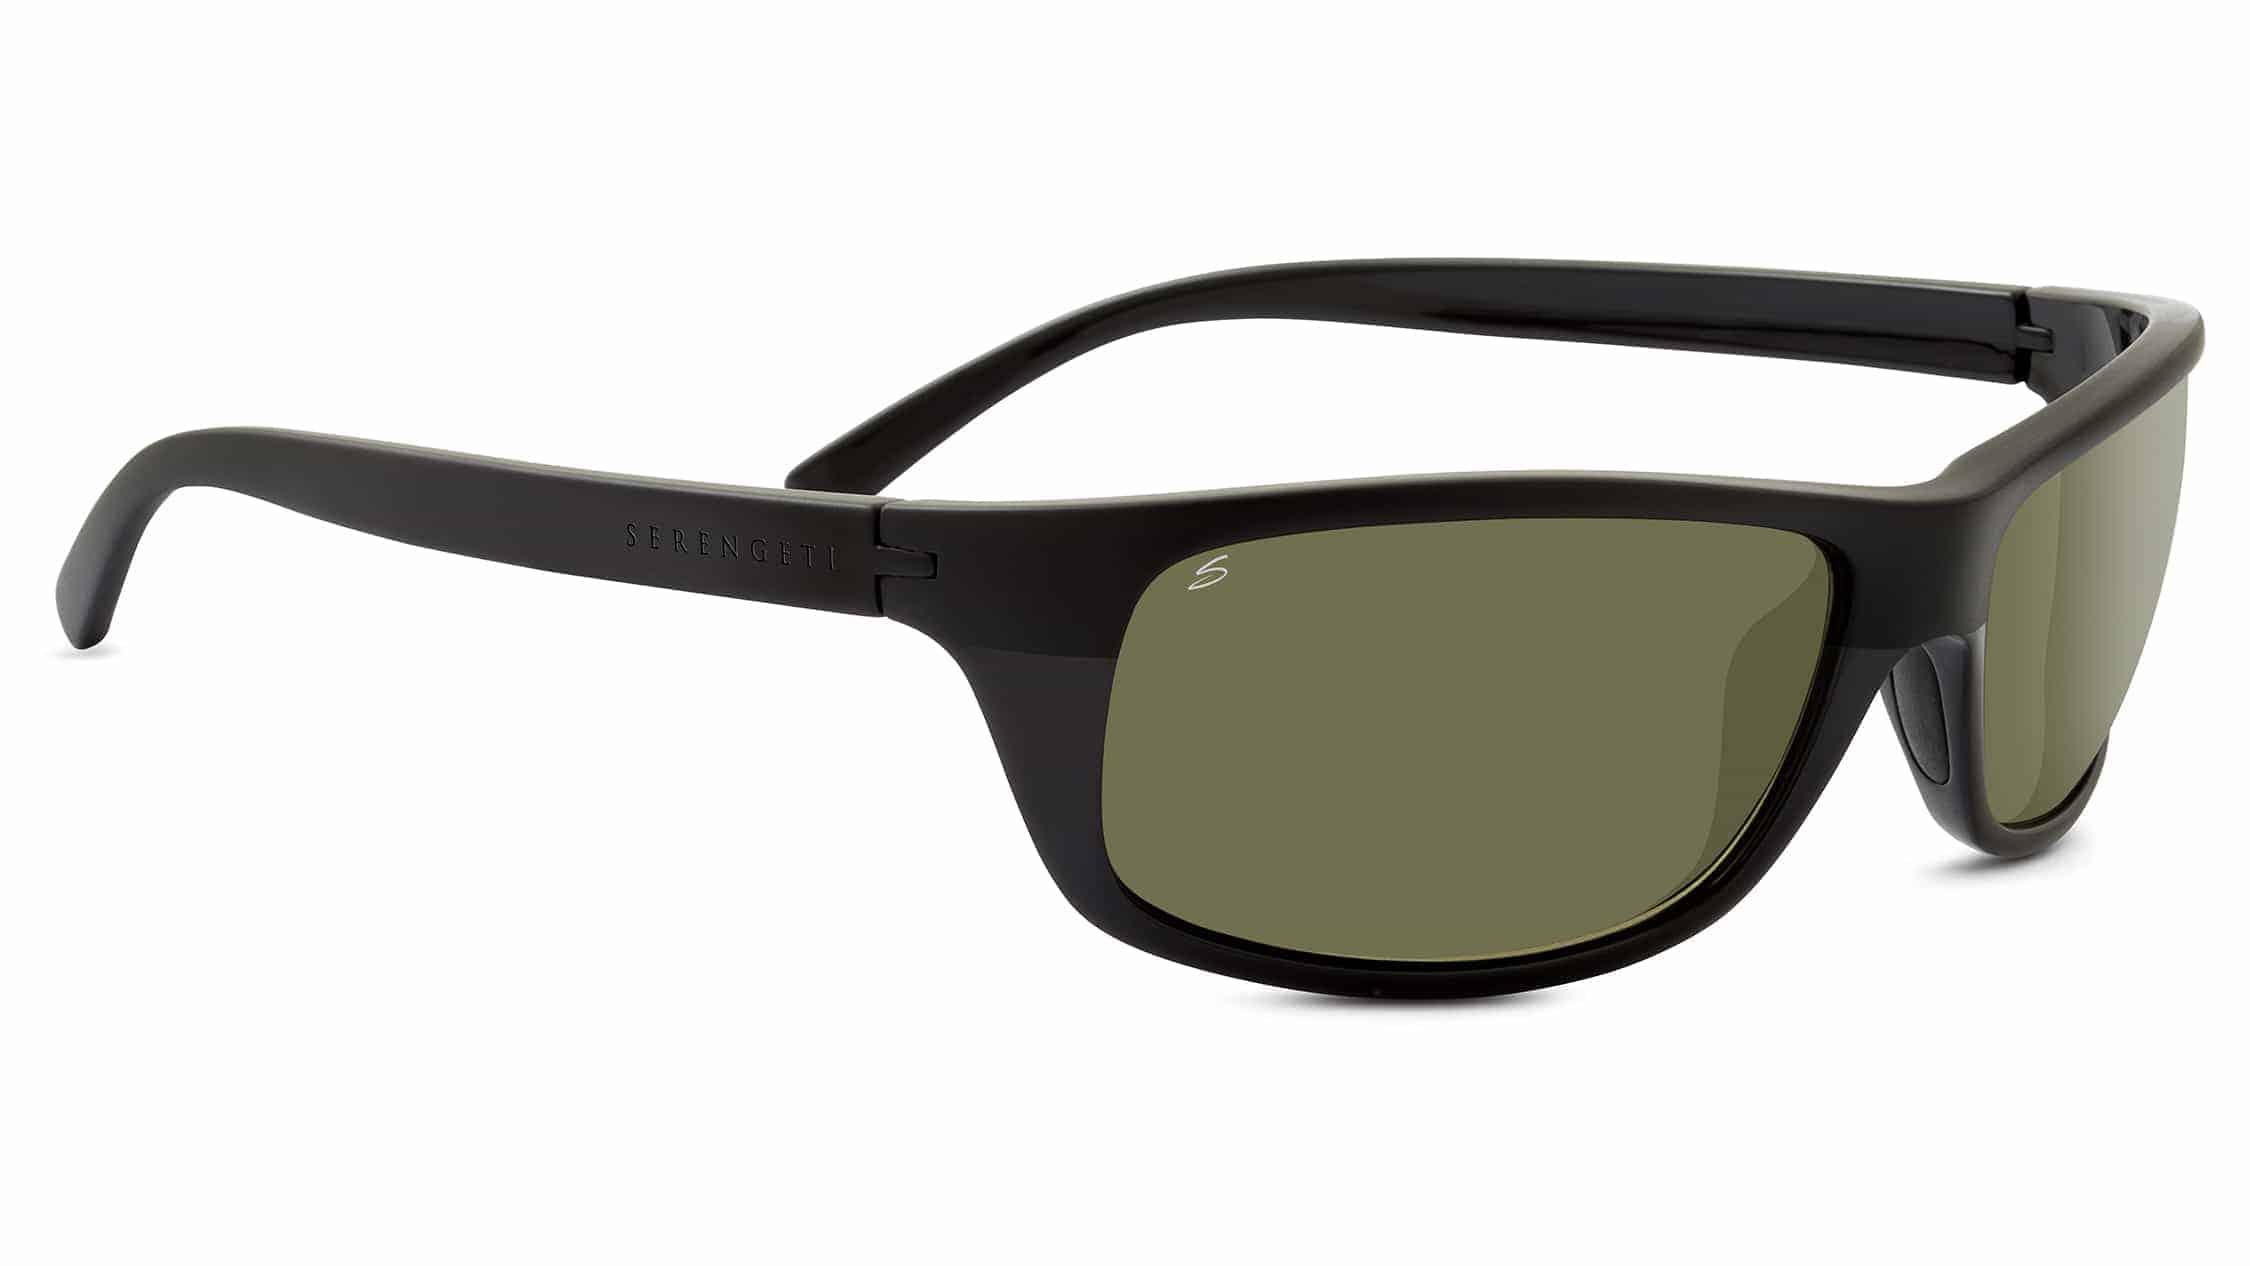 8781f0a717c8 Serengeti / Bormio / Sunglasses / Non-Prescription   E-Z Optical